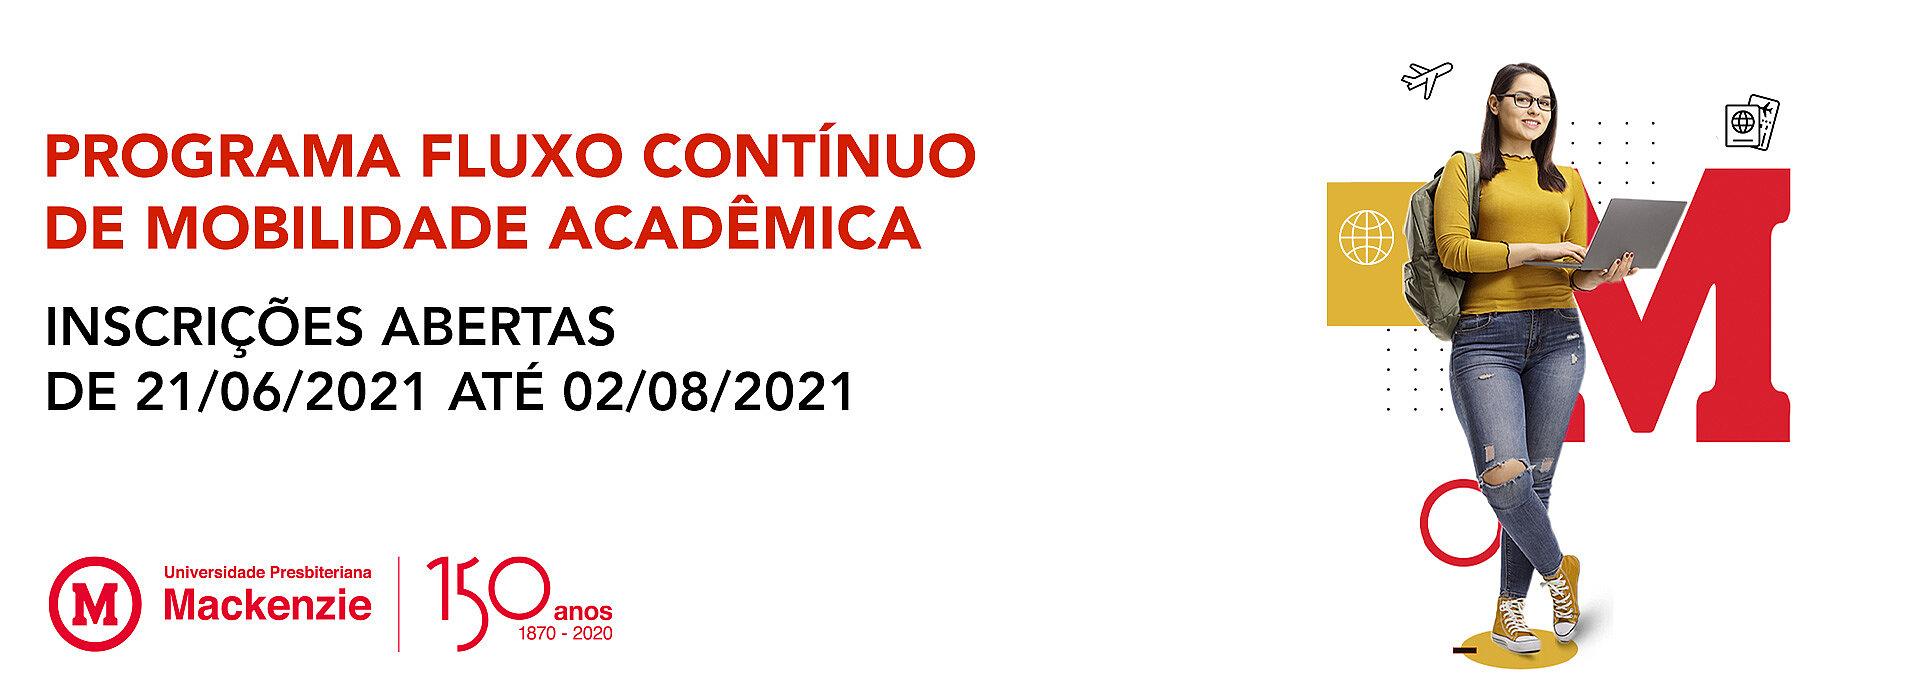 Banner do Programa de Fluxo Contínuo de Mobilidade Acadêmica